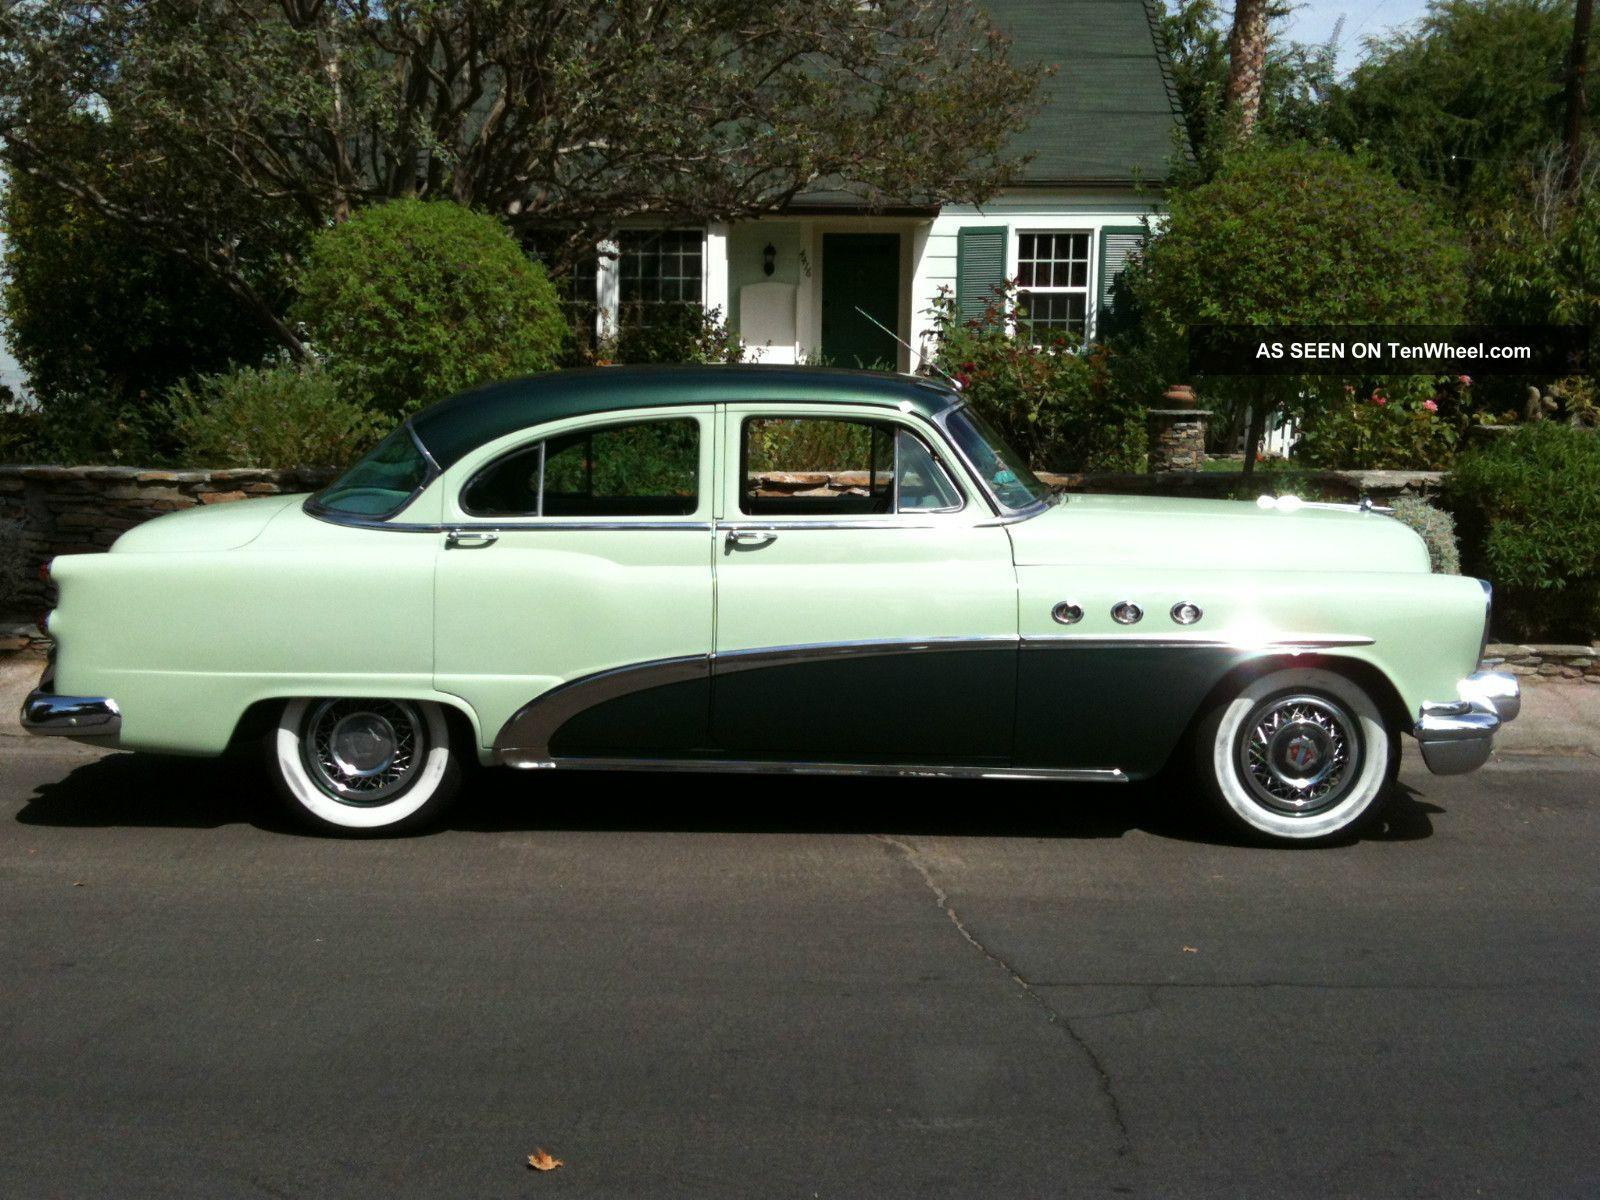 1953 buick special deluxe 4 door sedan